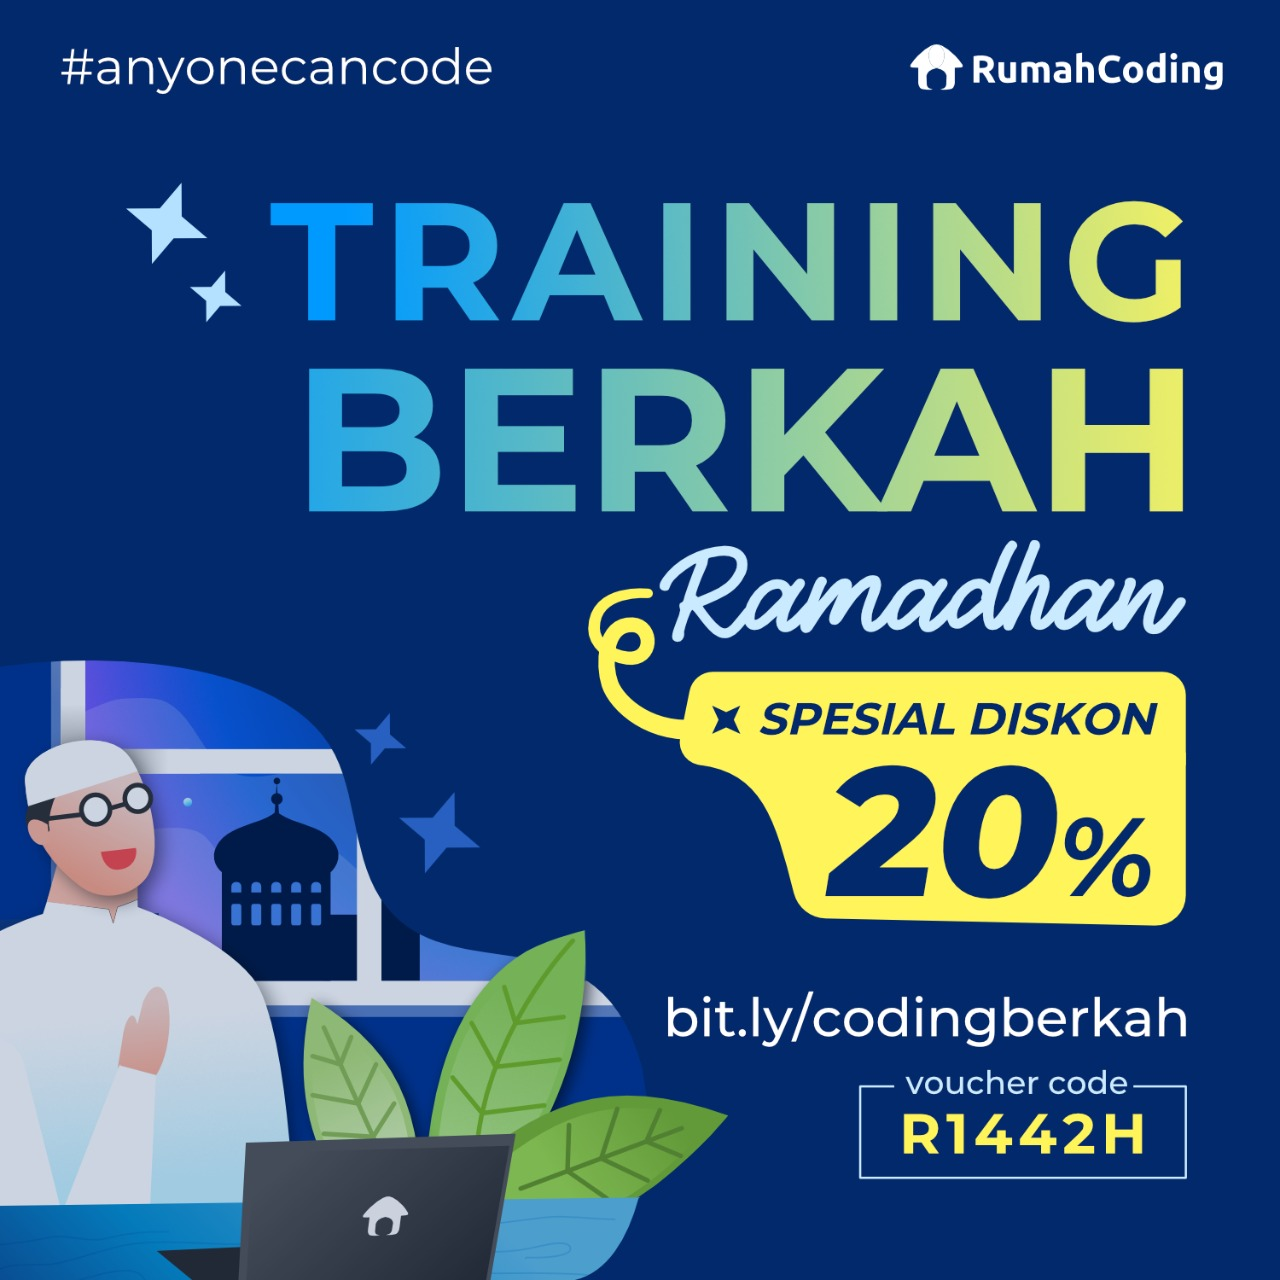 codingberkah